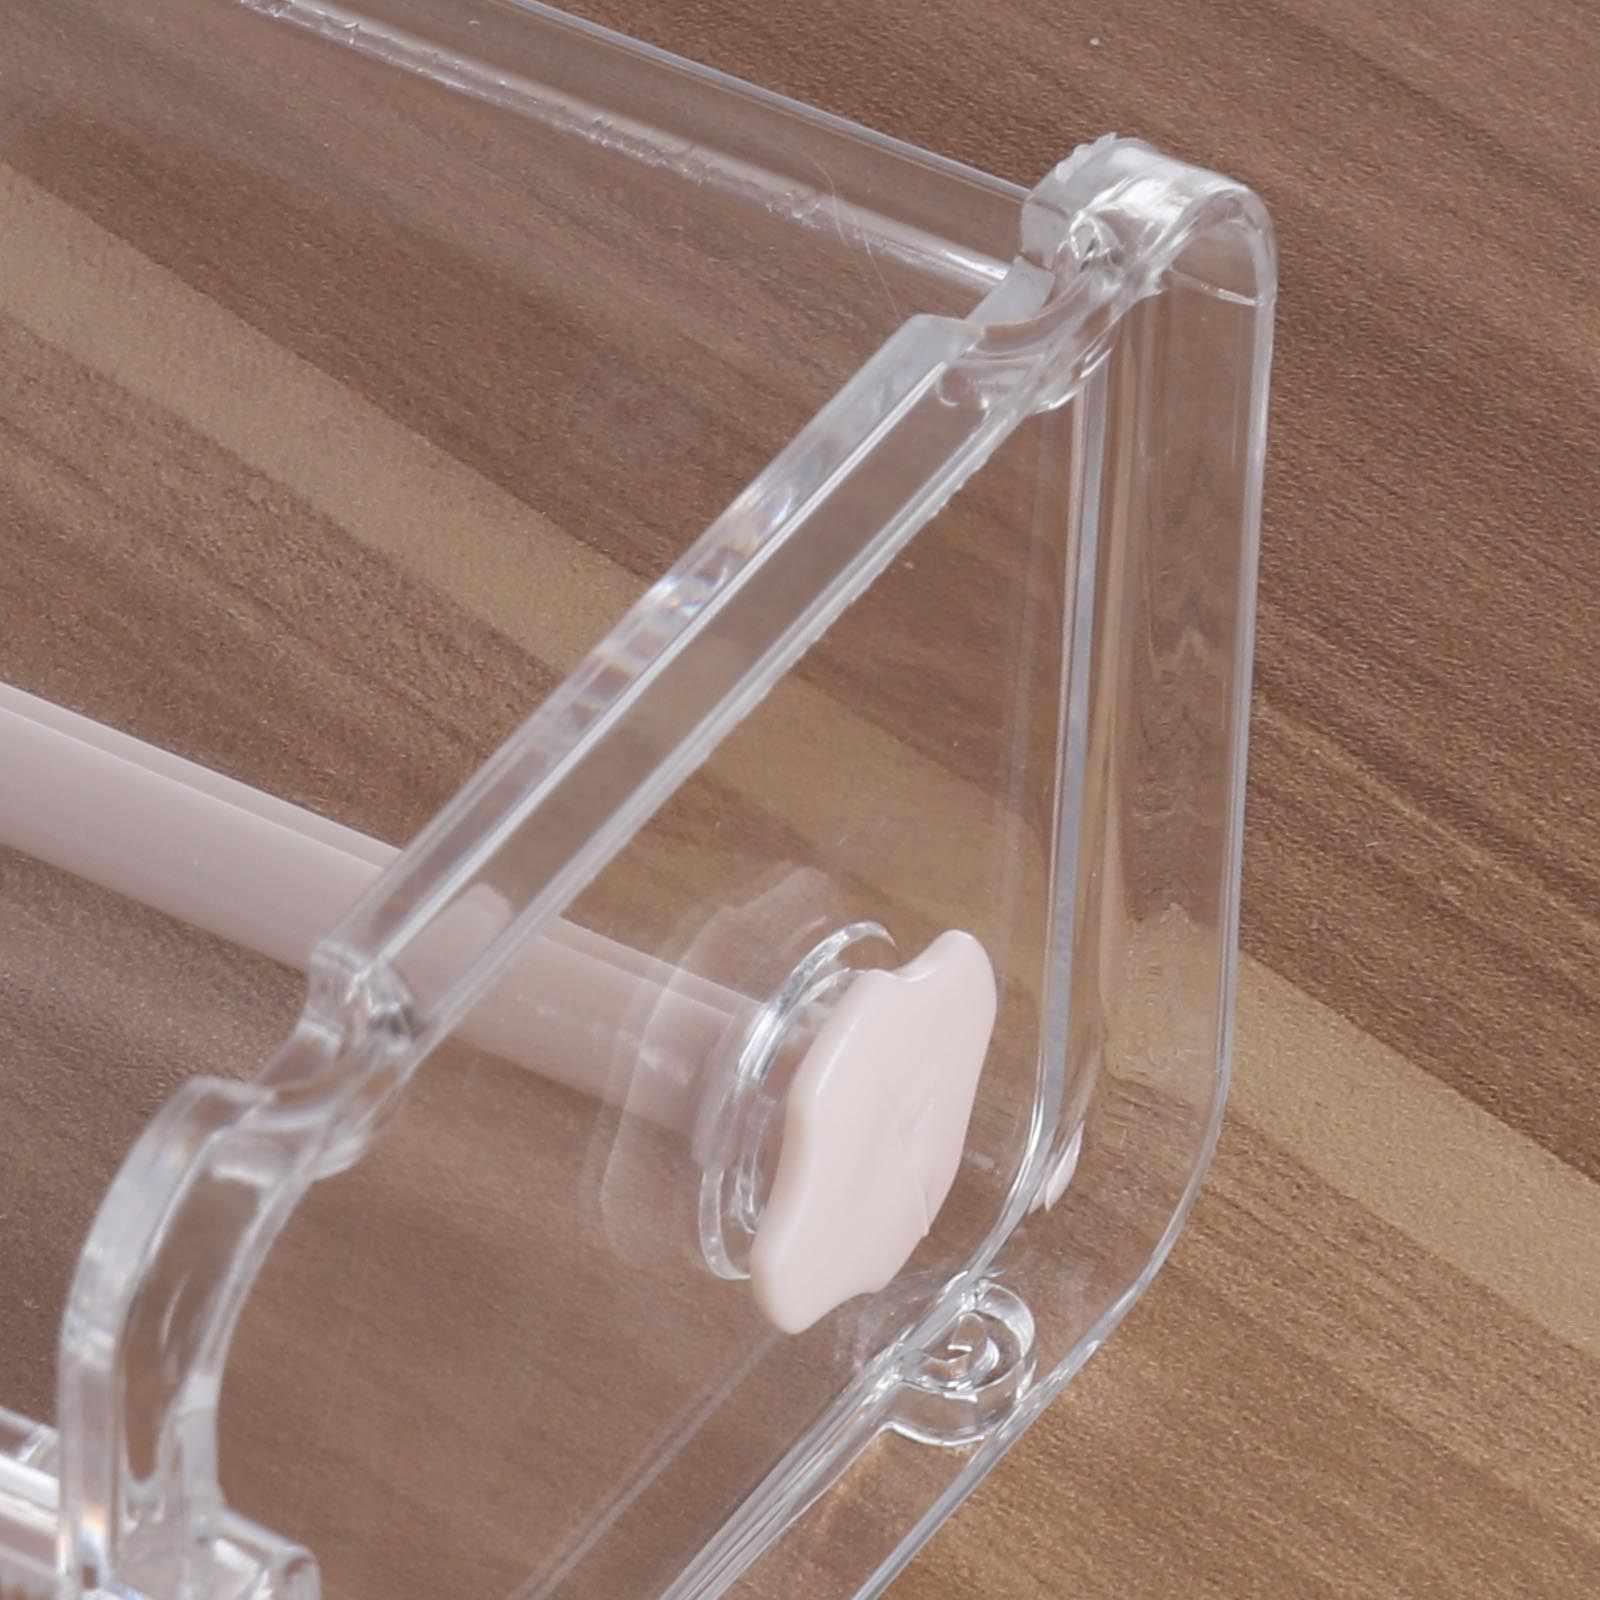 Настольный Tran красочные Канцтовары резак для малярной ленты офисные принадлежности аксессуары Органайзер резак офисный диспенсер рулон